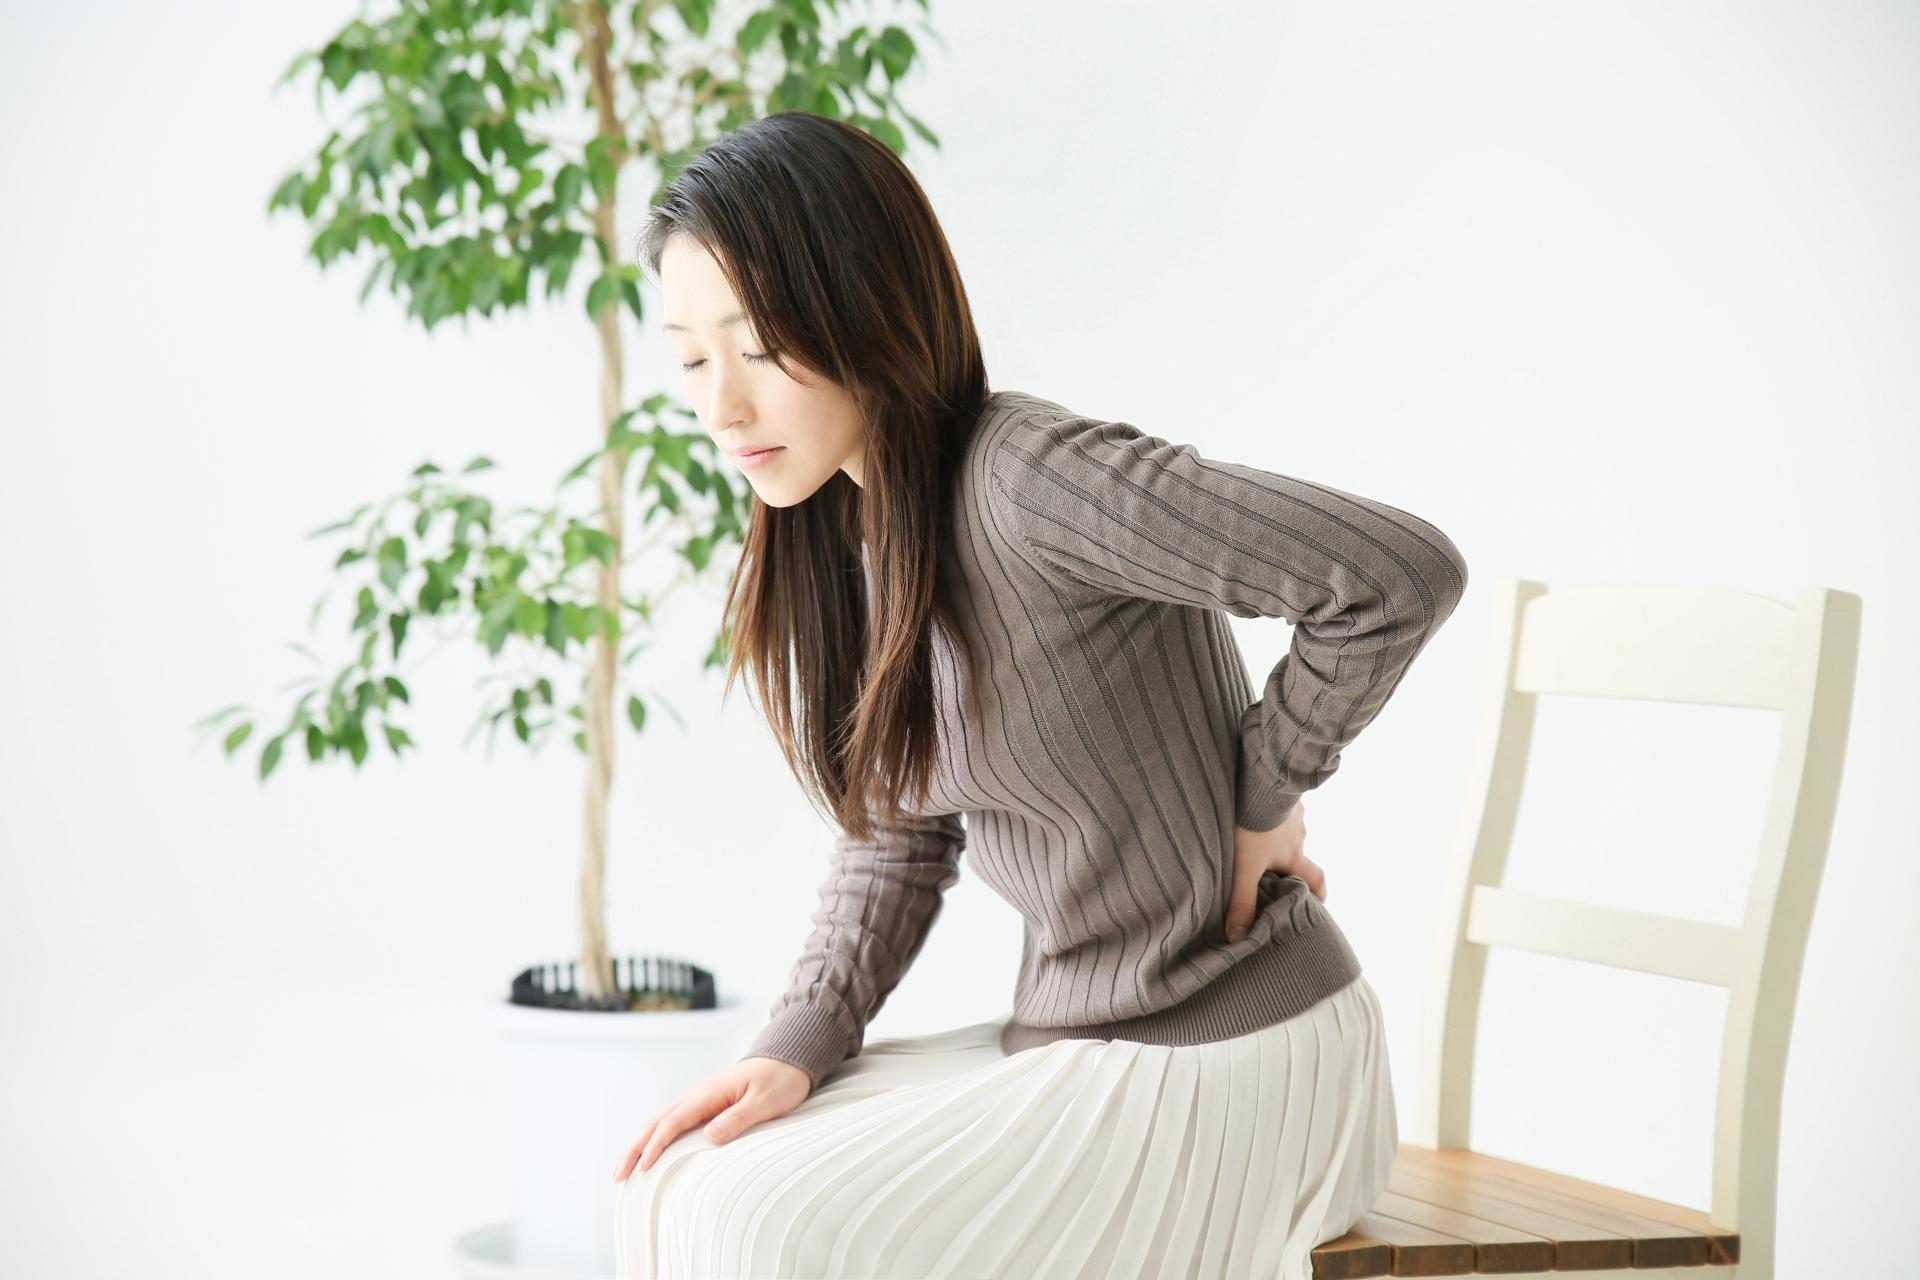 産後に坐骨神経痛が起きてしまう原因と予防法